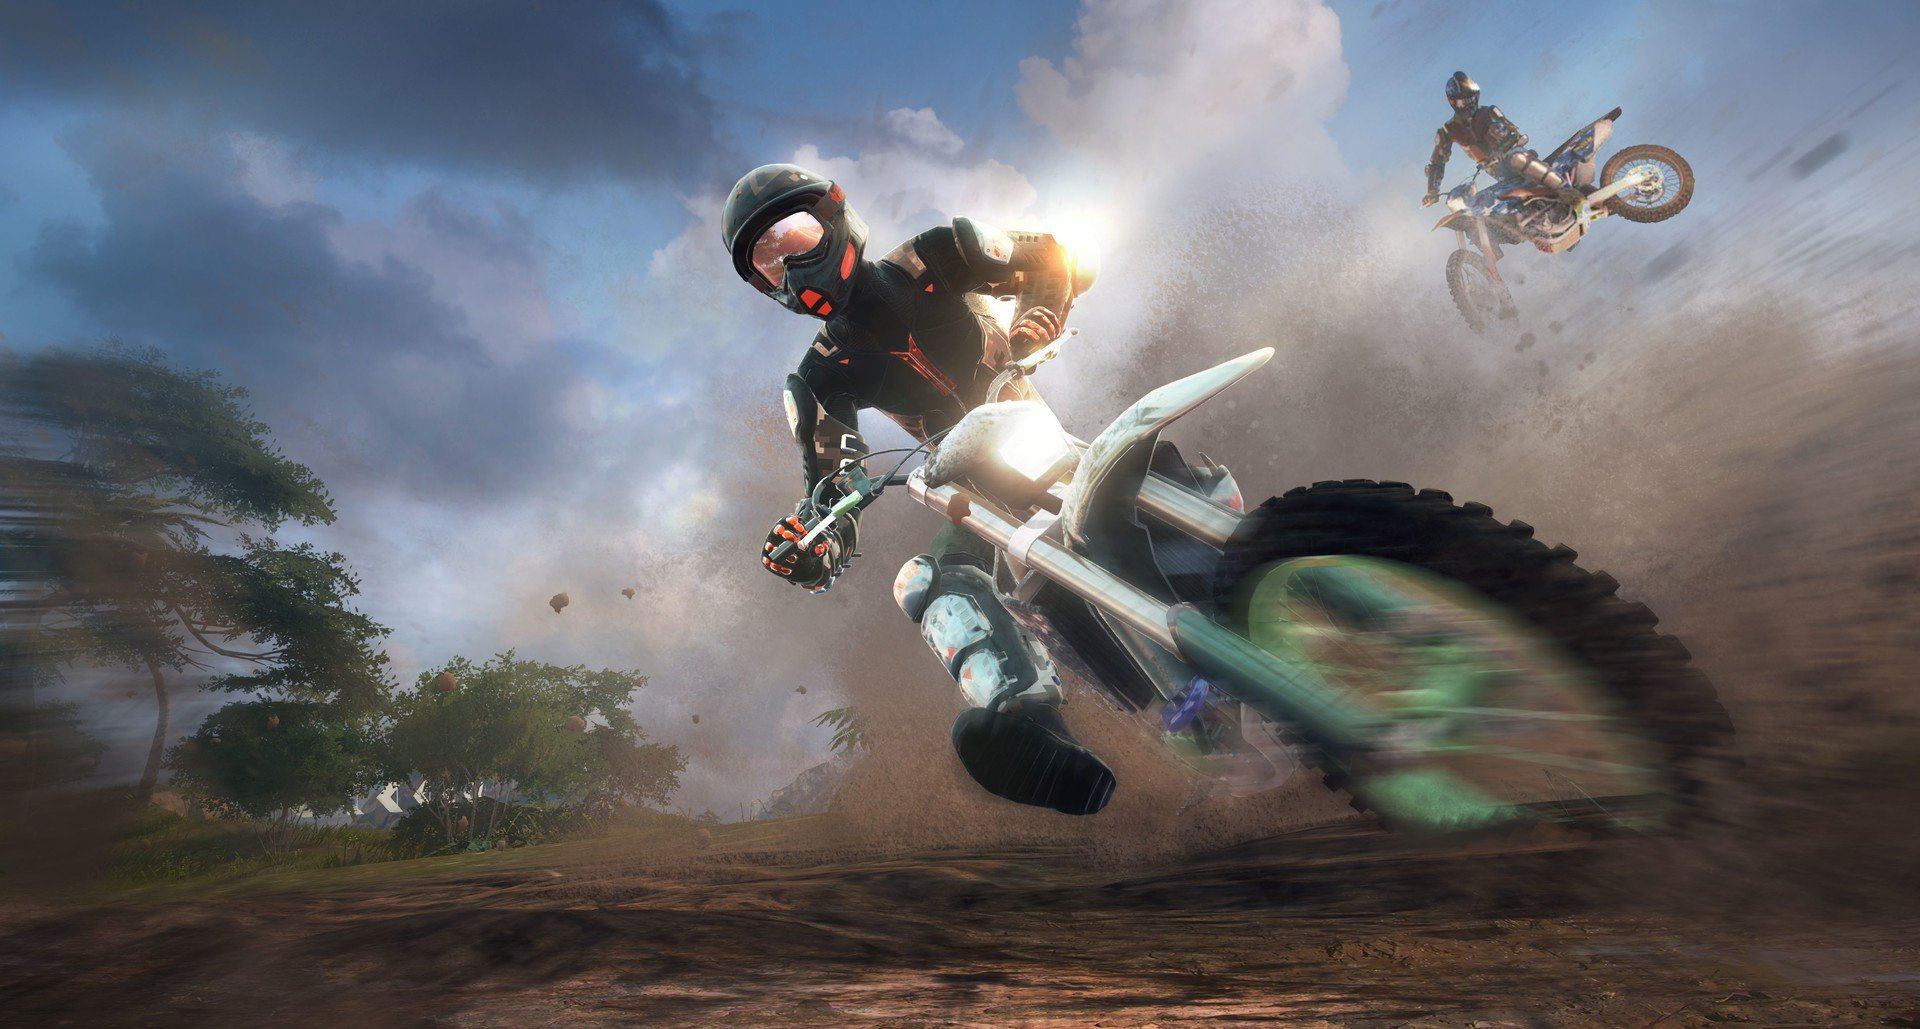 Moto Racer 4 7